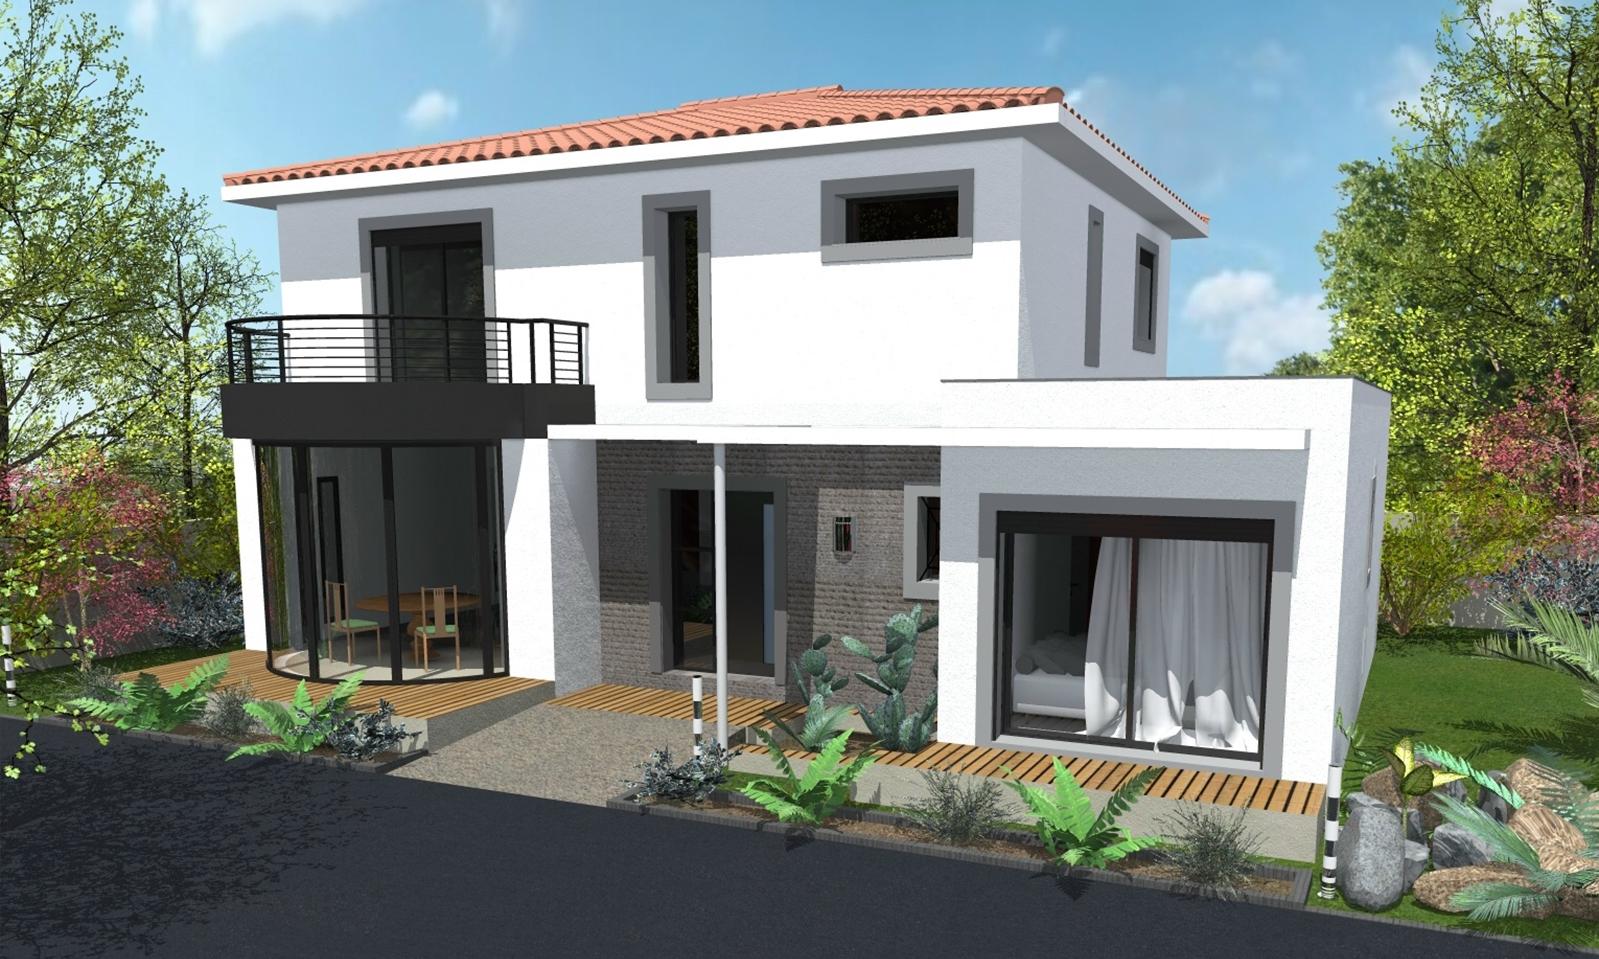 Nouveaux mod les de maisons par le constructeur atm lumicene for Modele maison constructeur